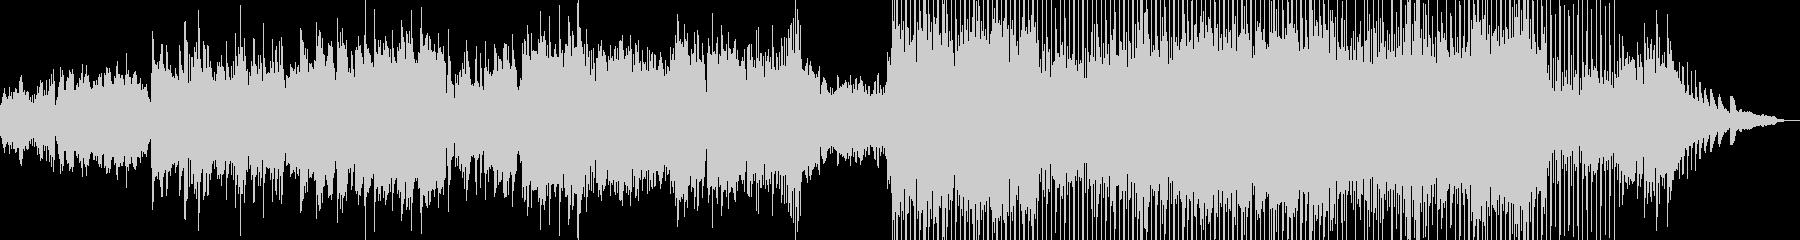 弦楽のクラシック・後半からポップスへの未再生の波形